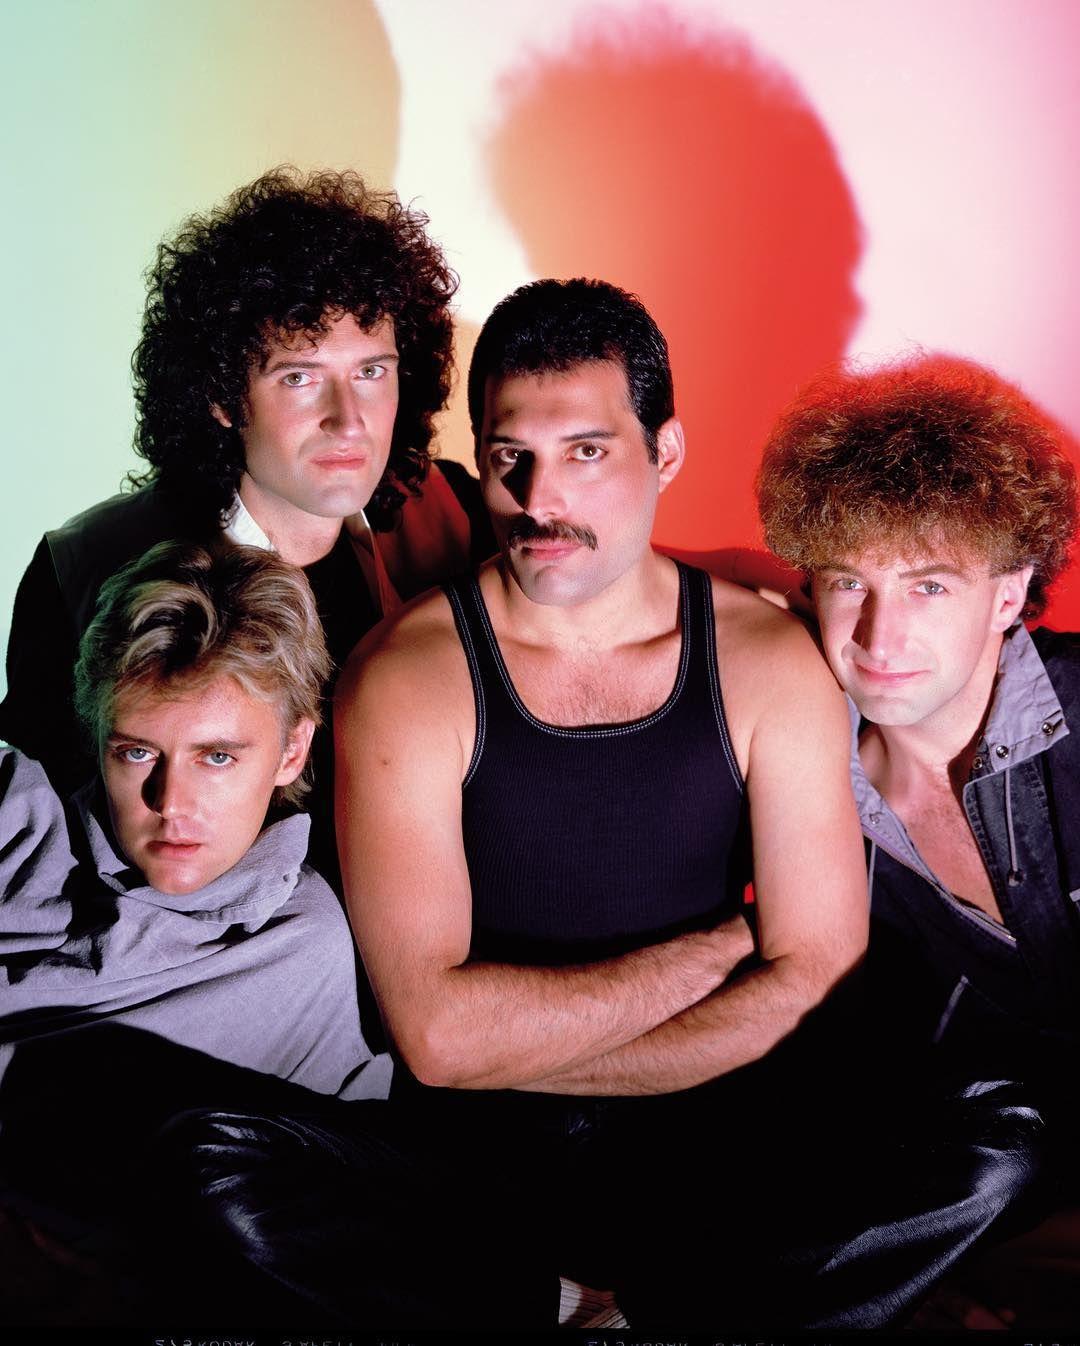 67 coisas que você talvez não saiba sobre Freddie Mercury